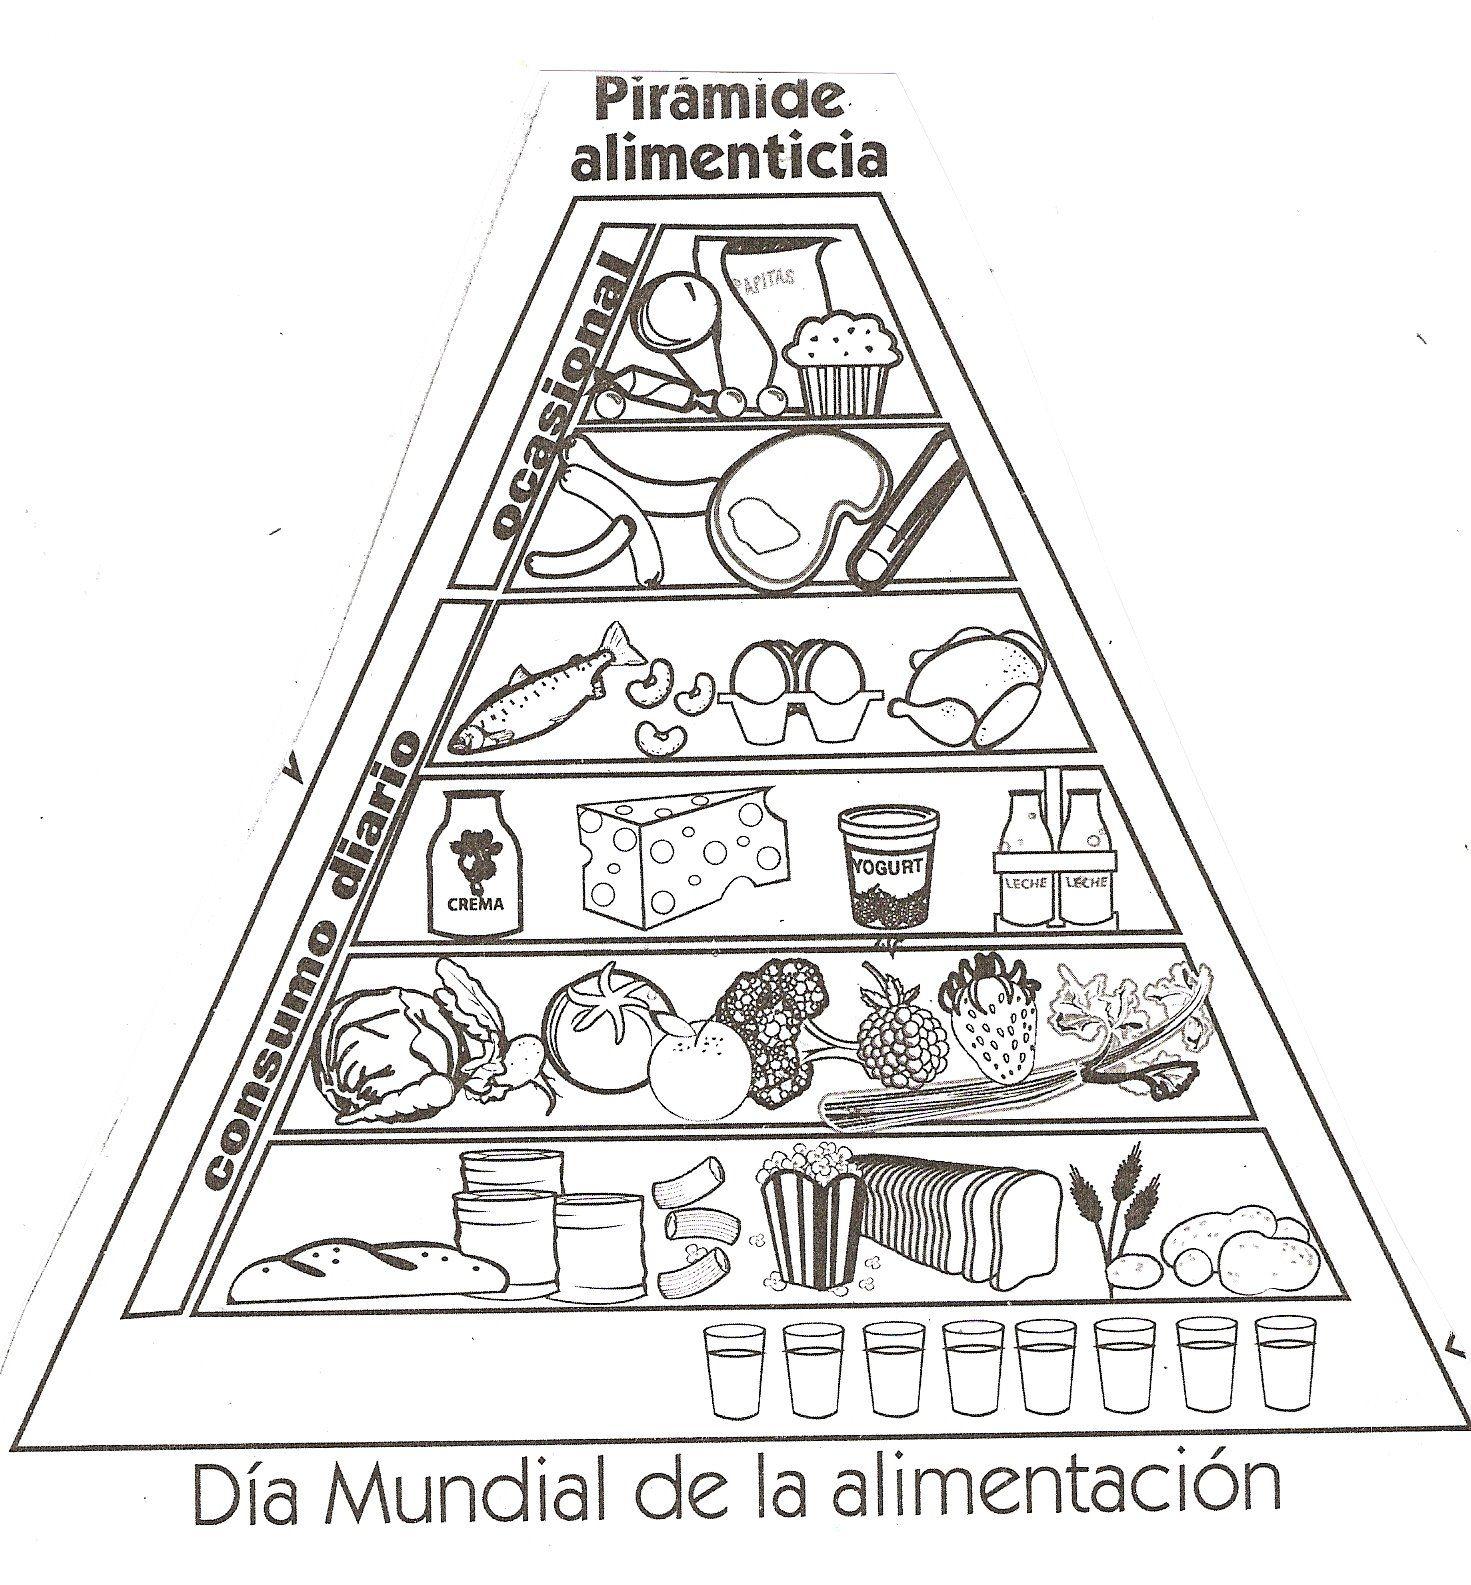 piramide alimenticia dibujos para colorear | Piramide colorear ...